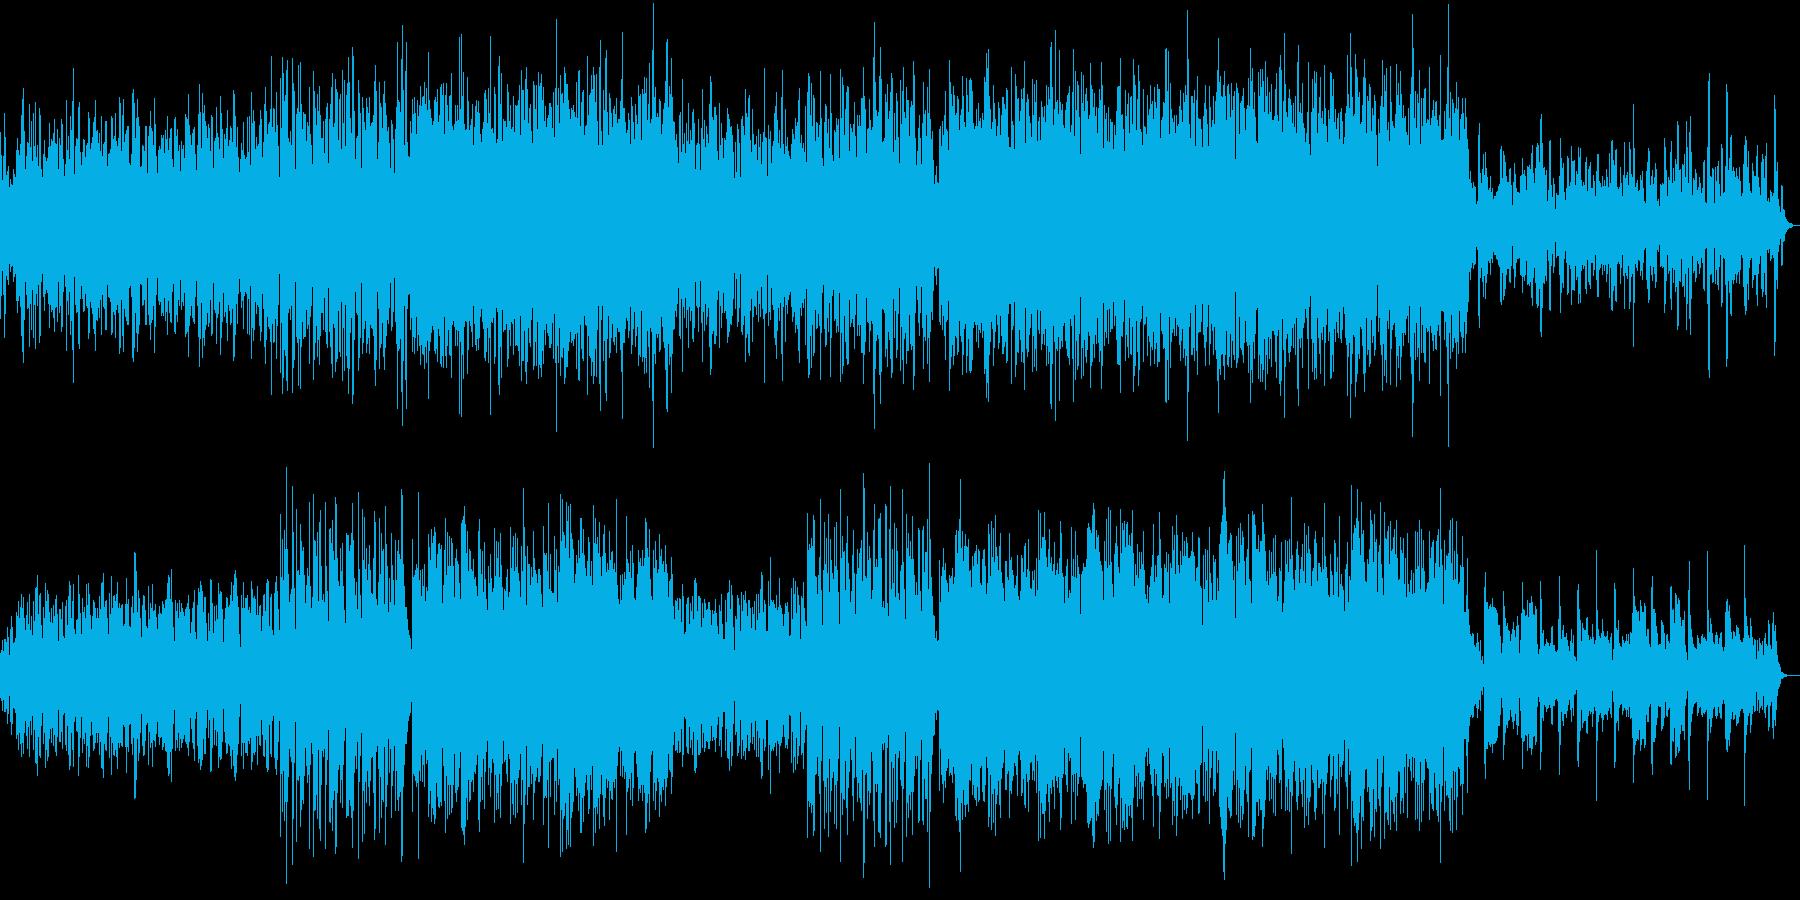 ピアノがメインのメロディアスなバラードの再生済みの波形